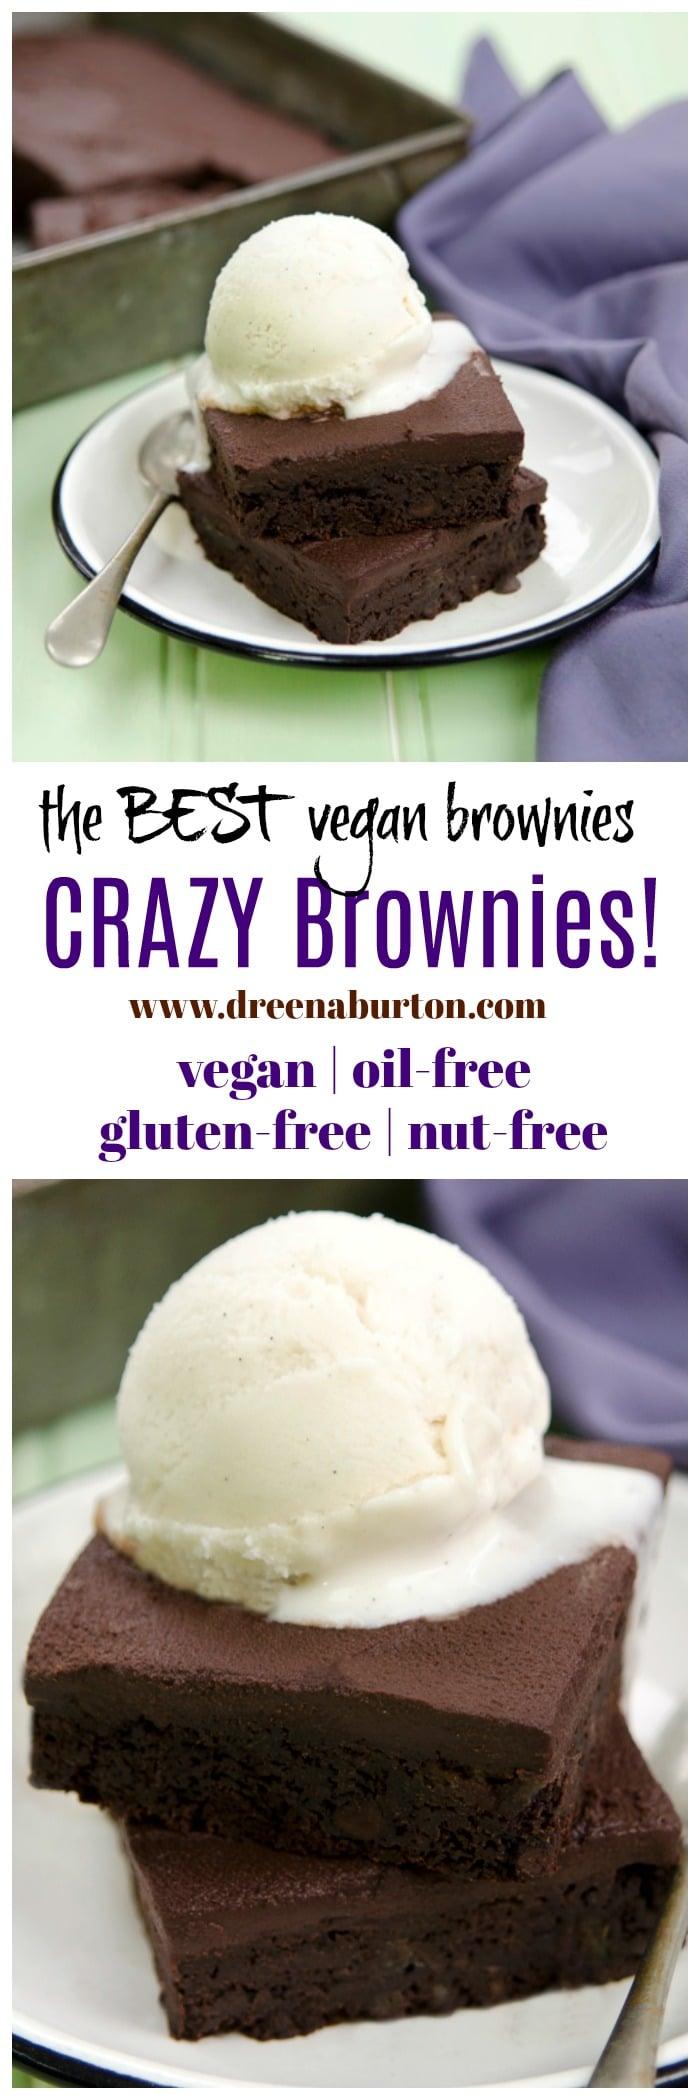 the BEST vegan brownie recipe: CRAZY BROWNIES! #vegan #brownies #oilfree #glutenfree #healthy #baking #nutfree #soyfree #plantbased #wfpb